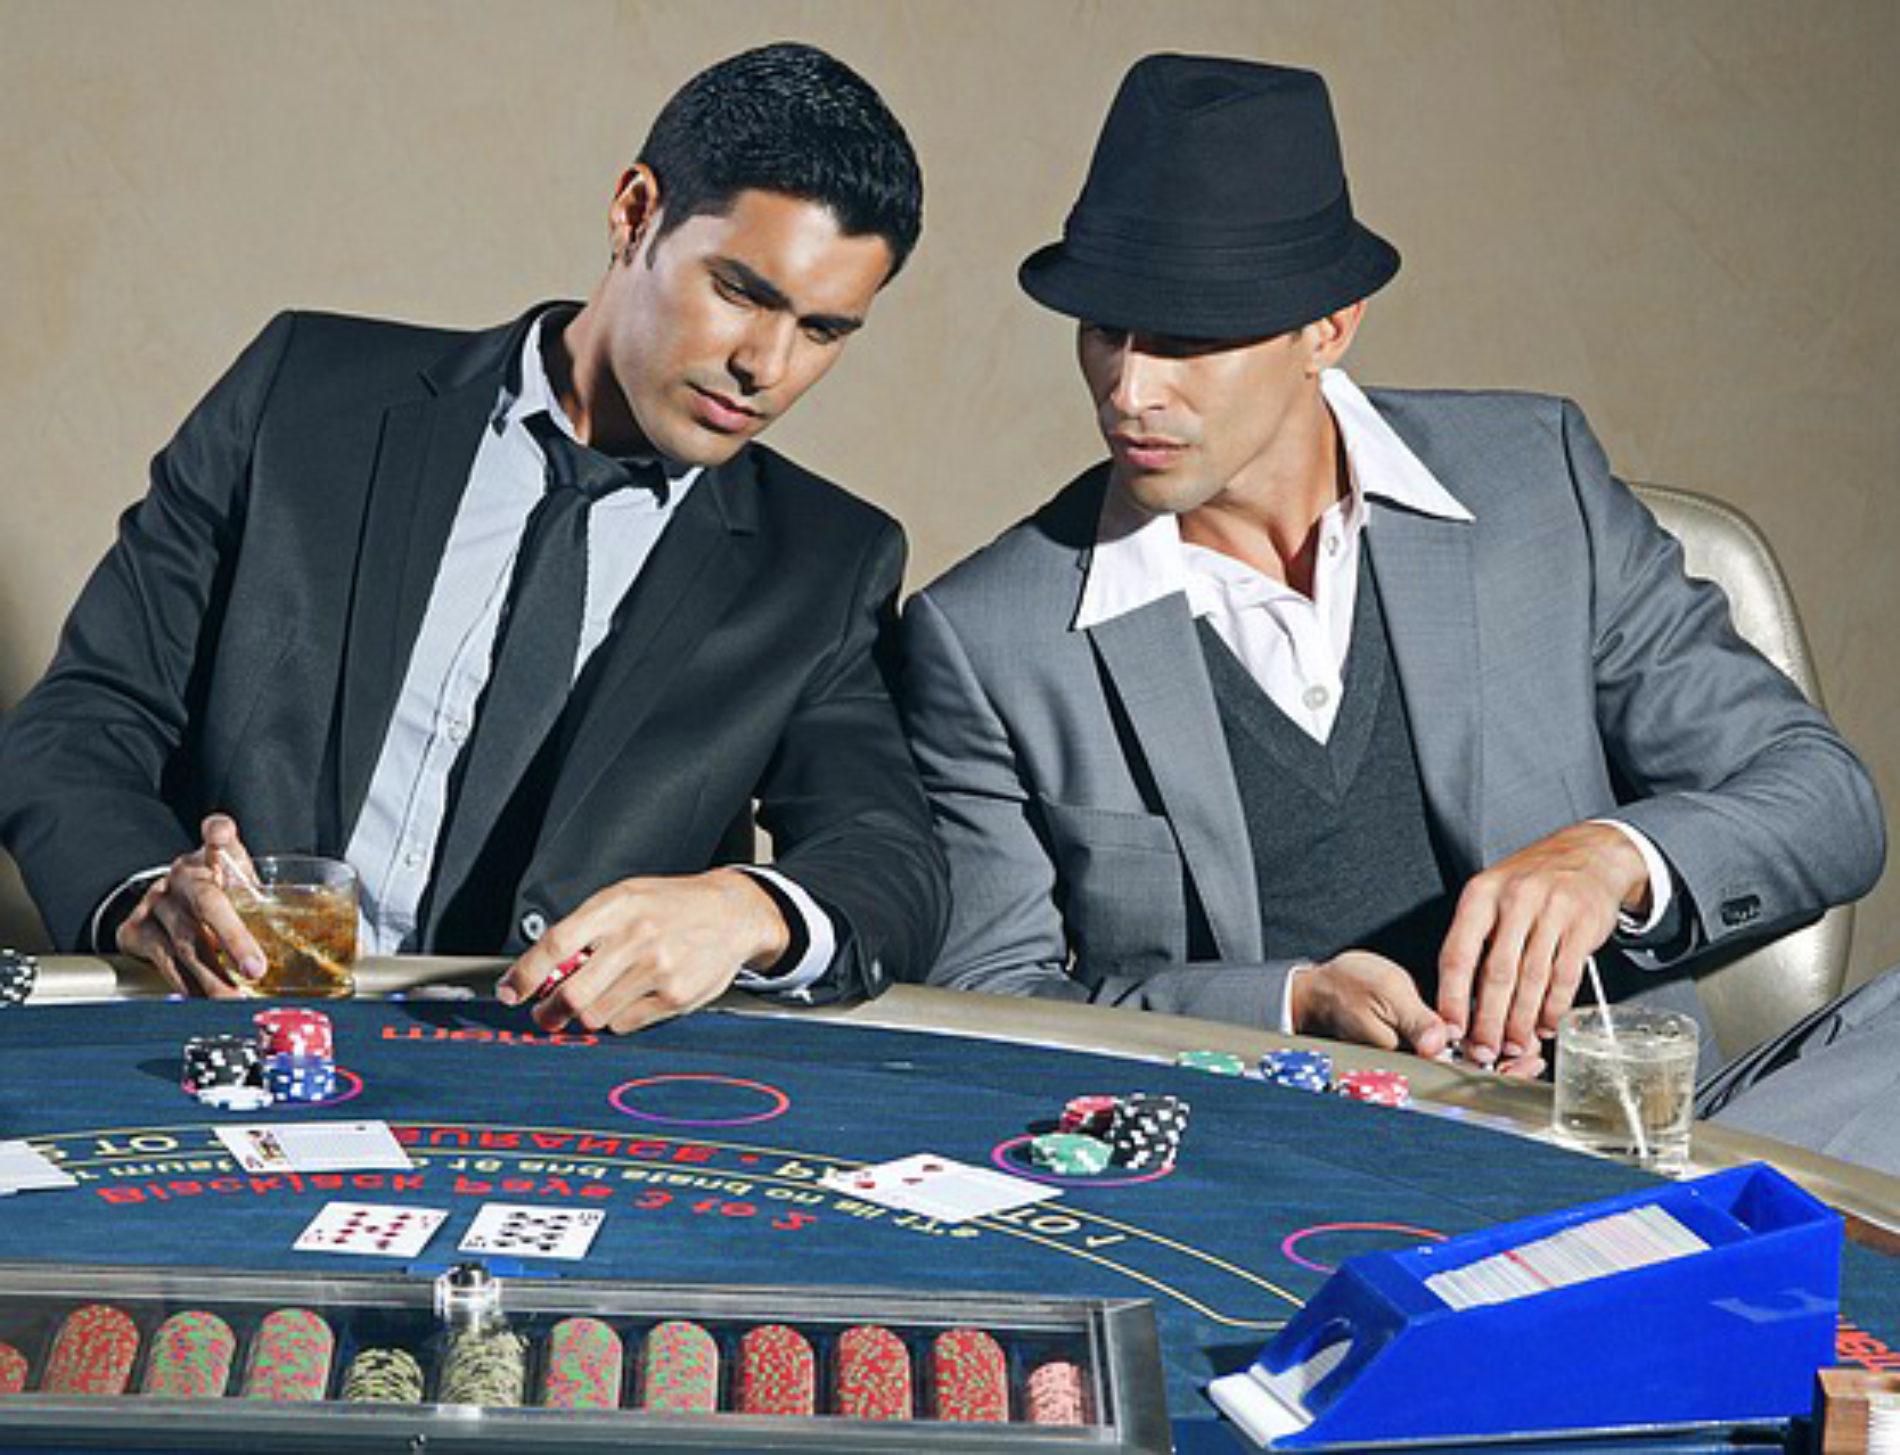 Quelles sont les erreurs courantes des débutants au Poker ?